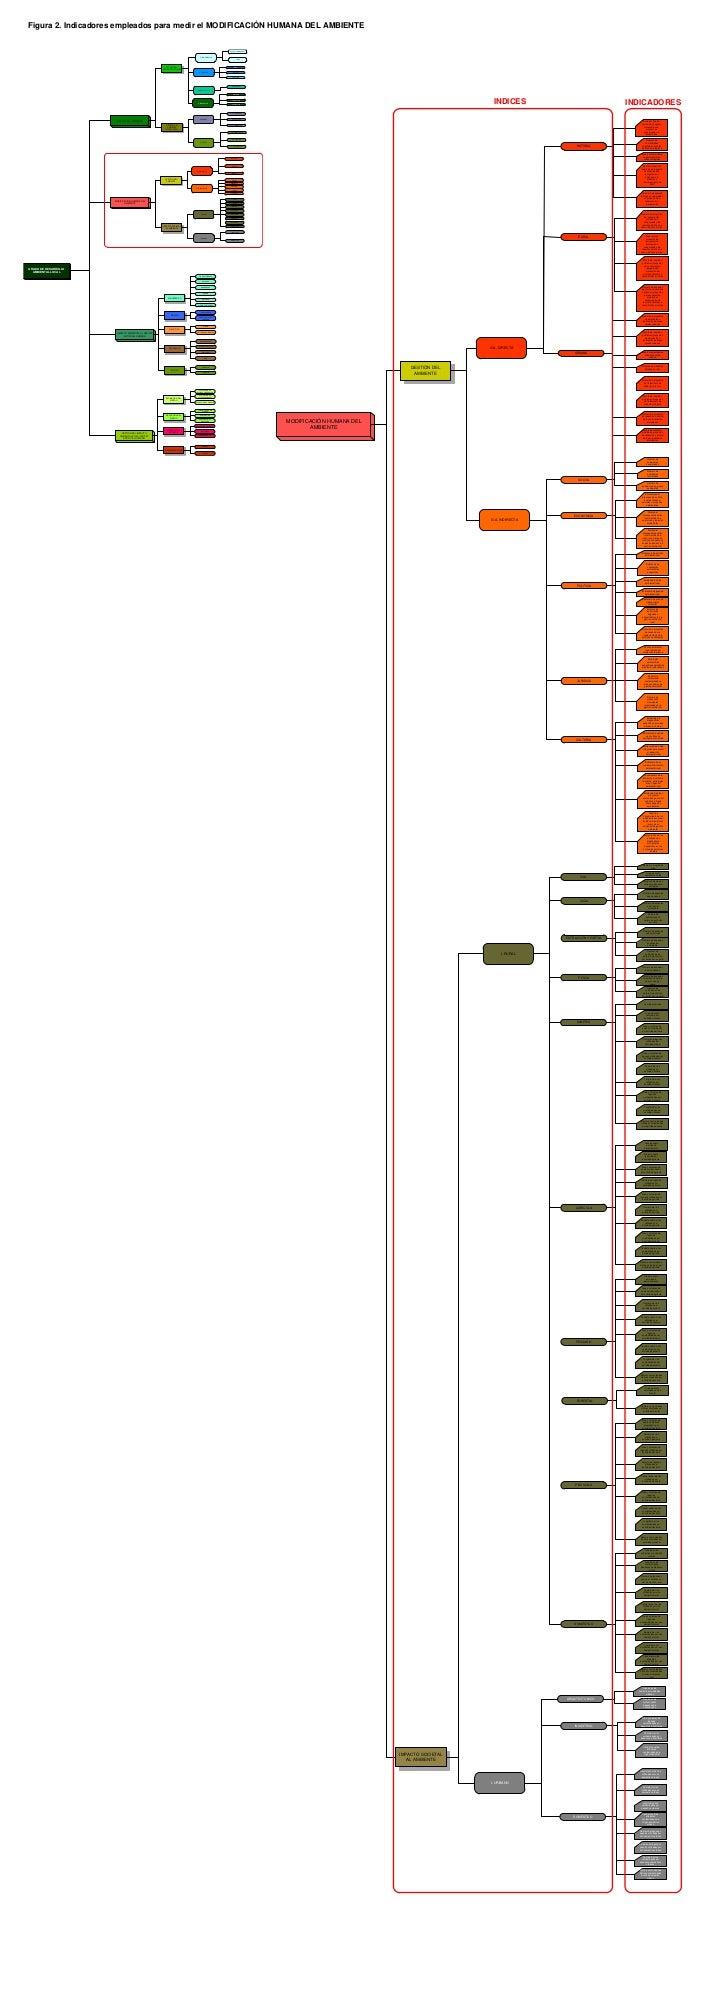 Figura 2. Indicadores empleados para medir el MODIFICACIÓN HUMANA DEL AMBIENTE                                            ...